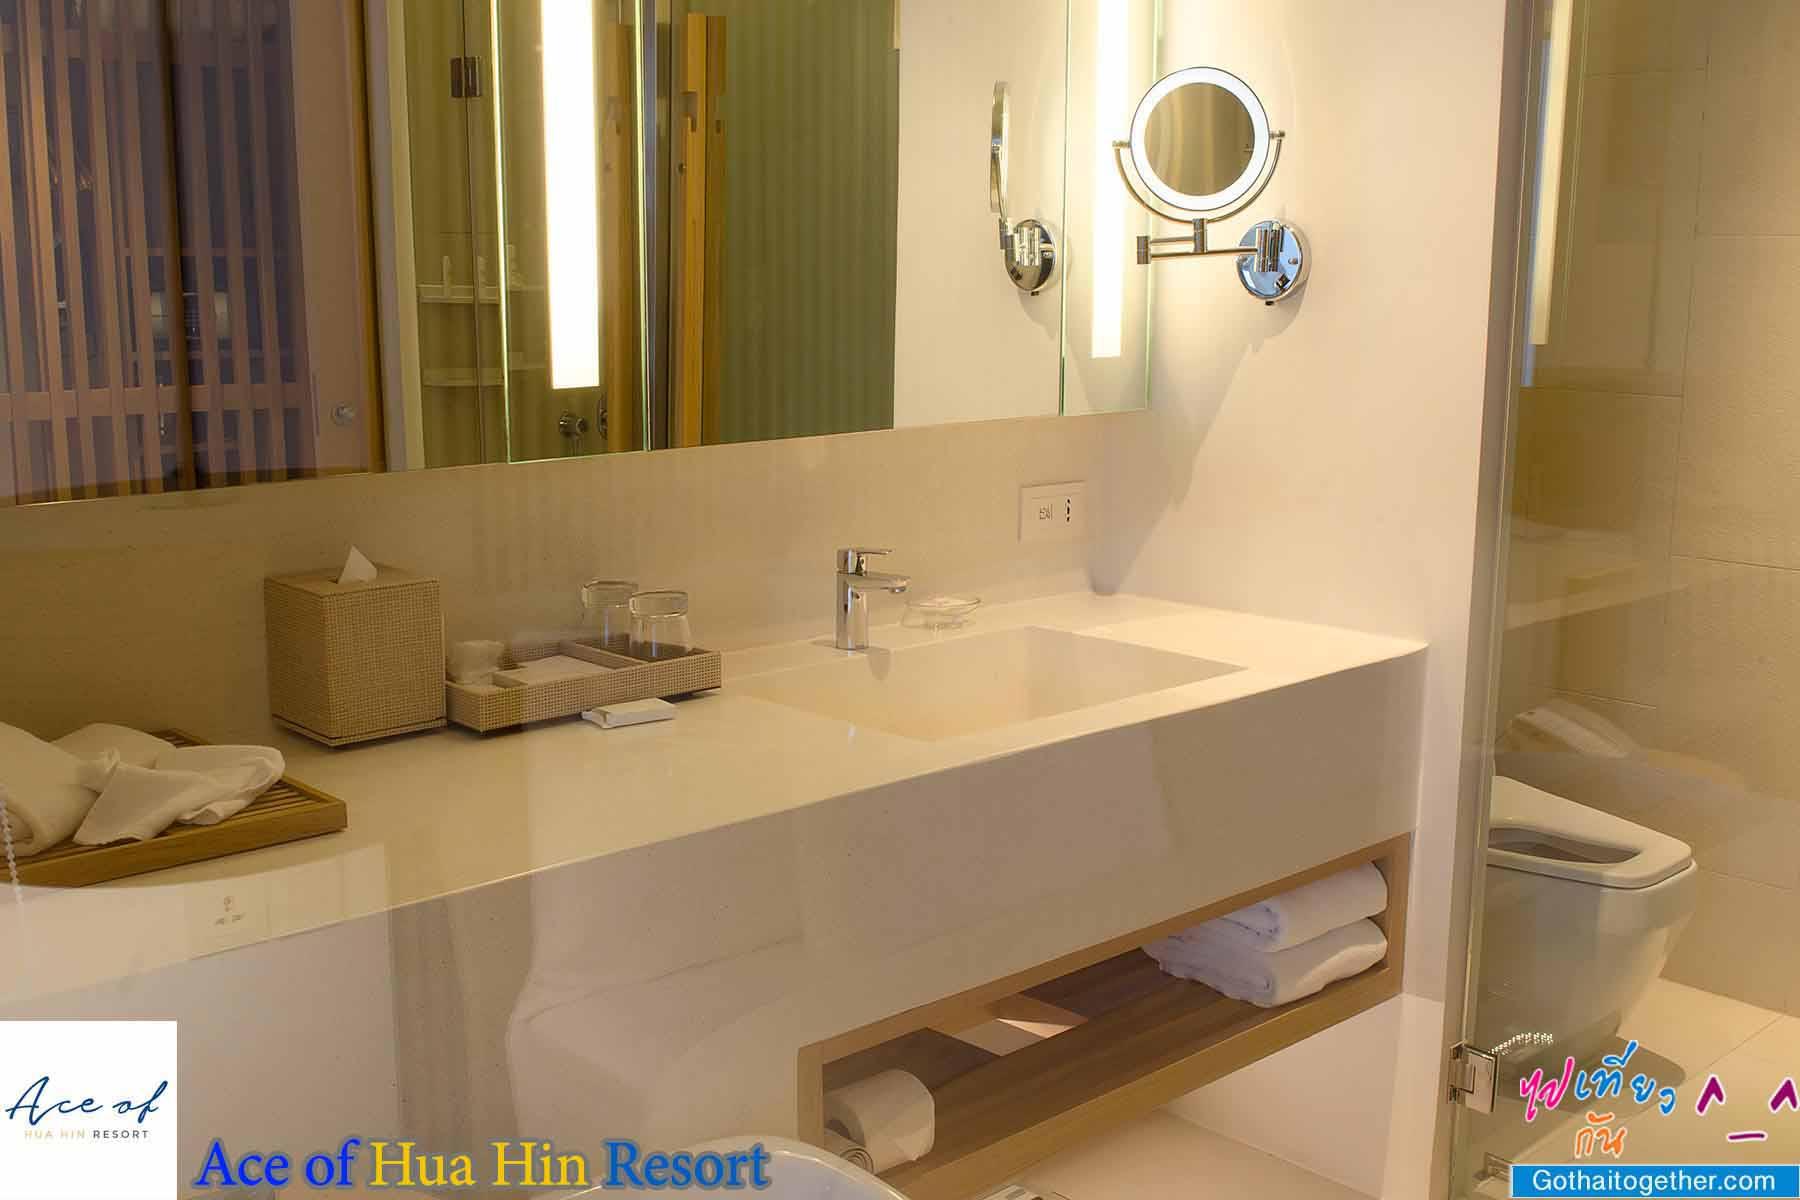 5 จุดเช็คอิน ทะเลใกล้กรุง พักผ่อนมีระดับ ชมวิวชิลไปกับ Ace of Hua Hin Resort 161